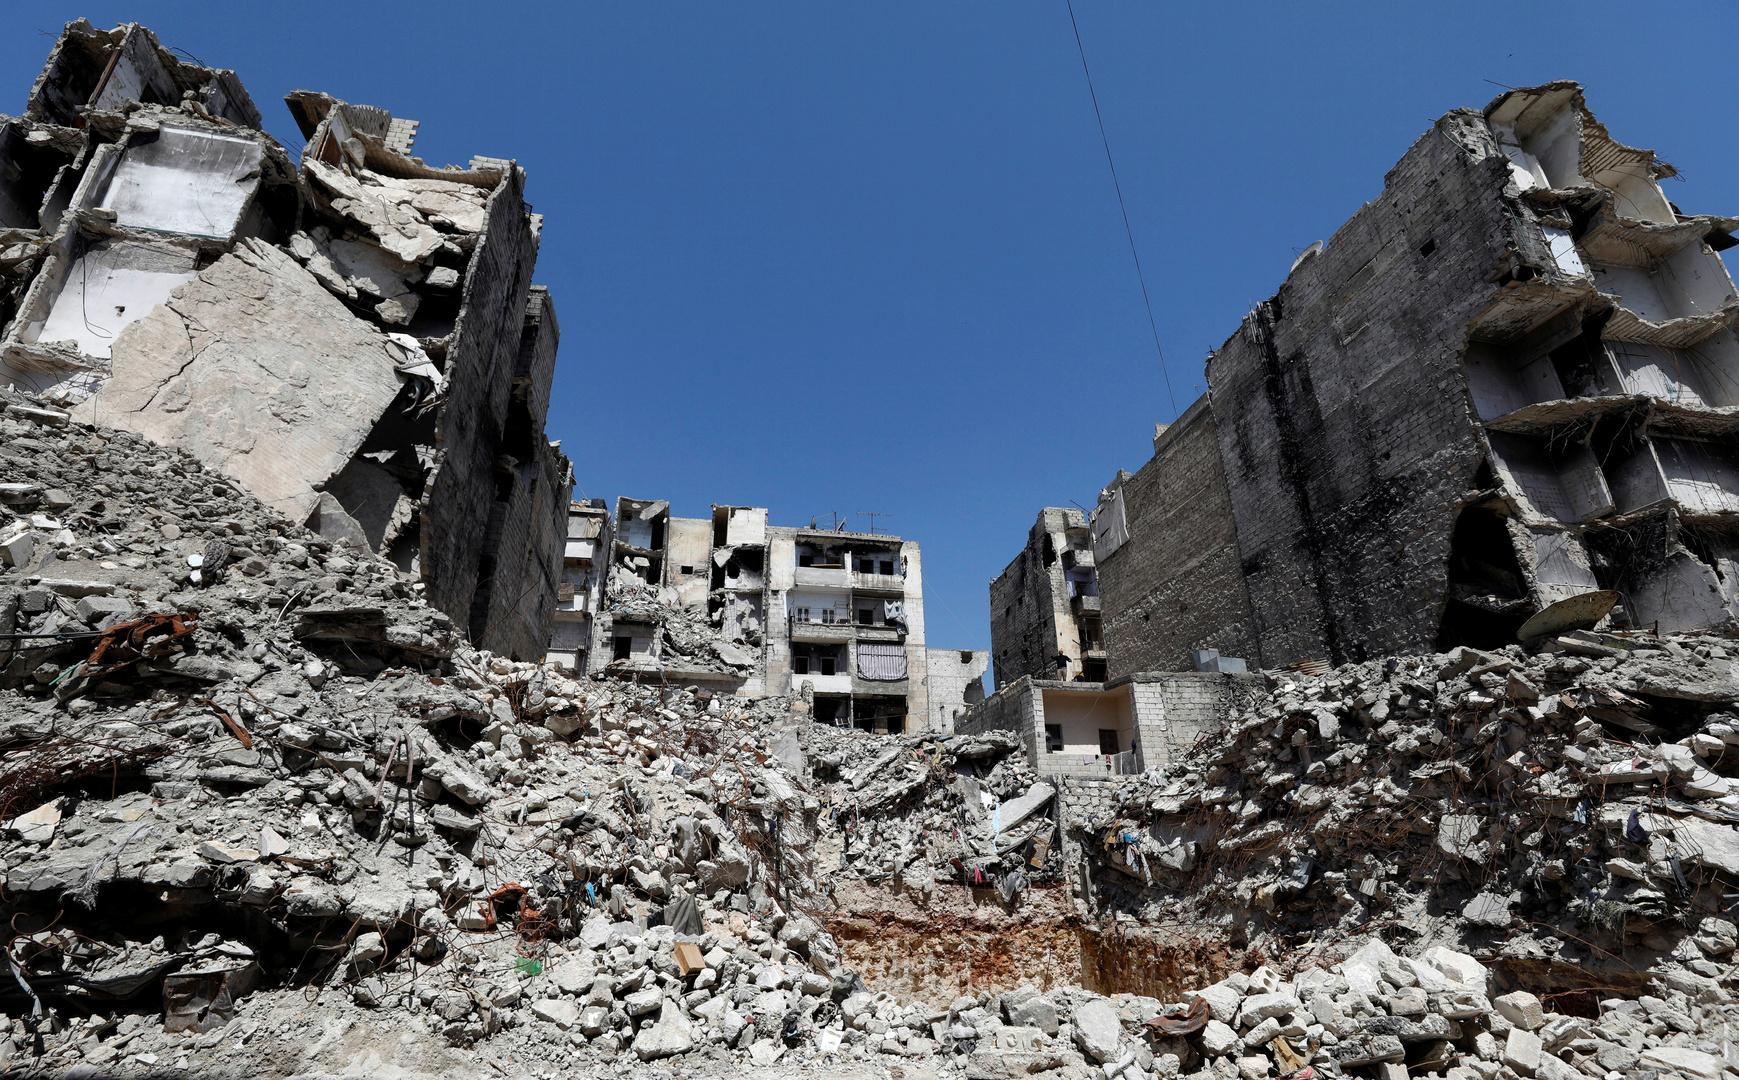 مصدر عسكري لـ RT: الفصائل المسلحة تستهدف حي الحمدانية في حلب بقذائف هاون وصواريخ